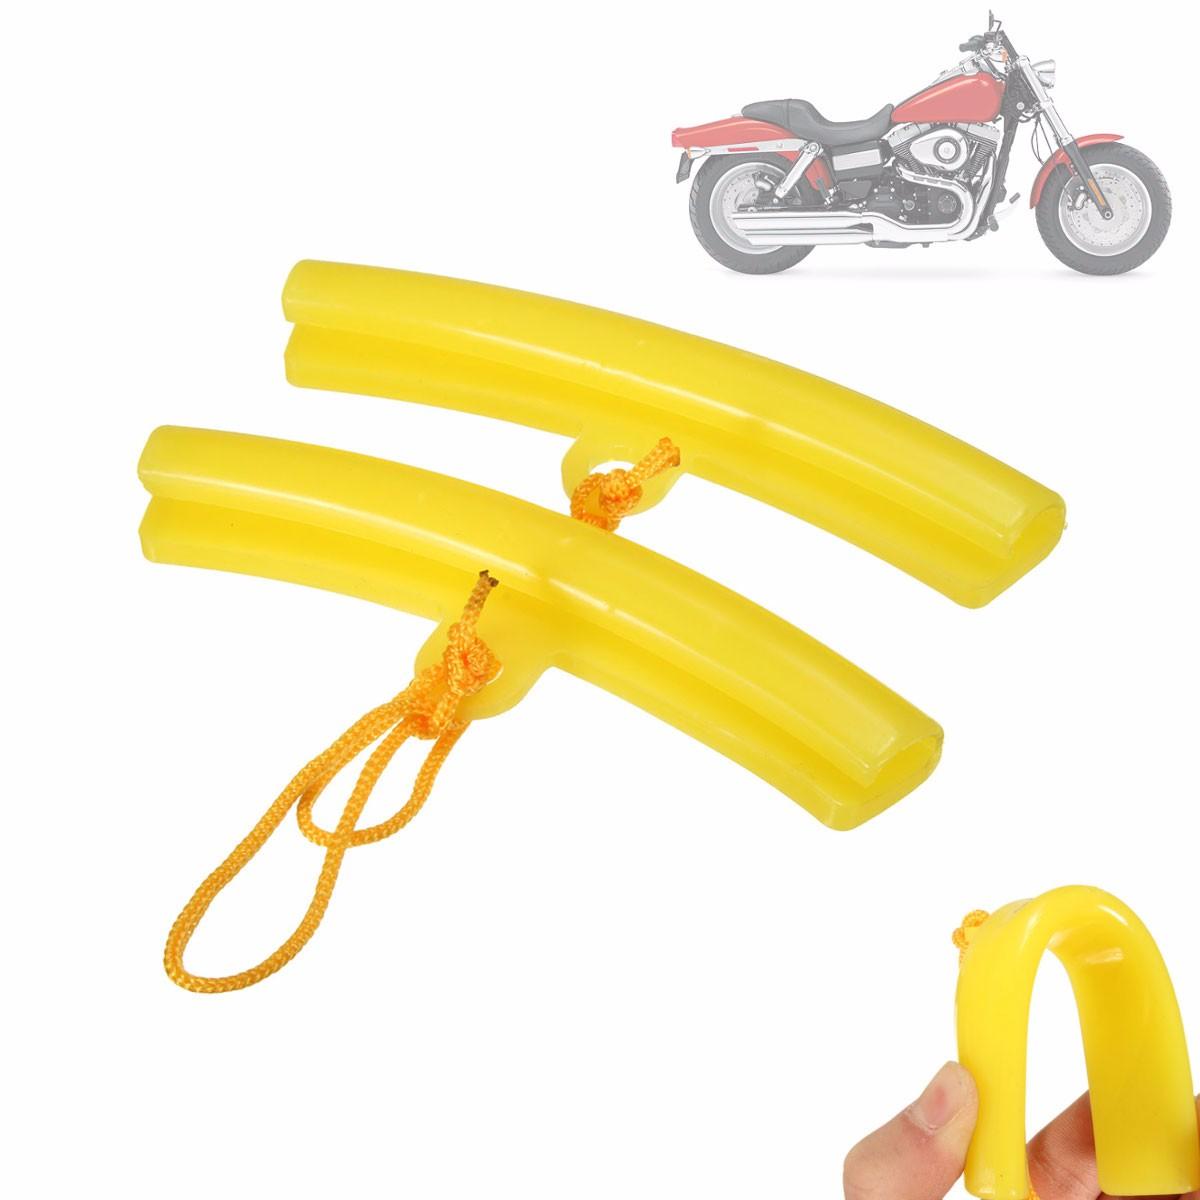 [해외]2PCS 합금 오토바이 오토바이 휠 림 프로텍터 타이어 제거 가장자리 보호 유니버설/2PCS Alloy Motorbike Motorcycle Wheel Rim Protector Tyre Remove Edge Protection Universal